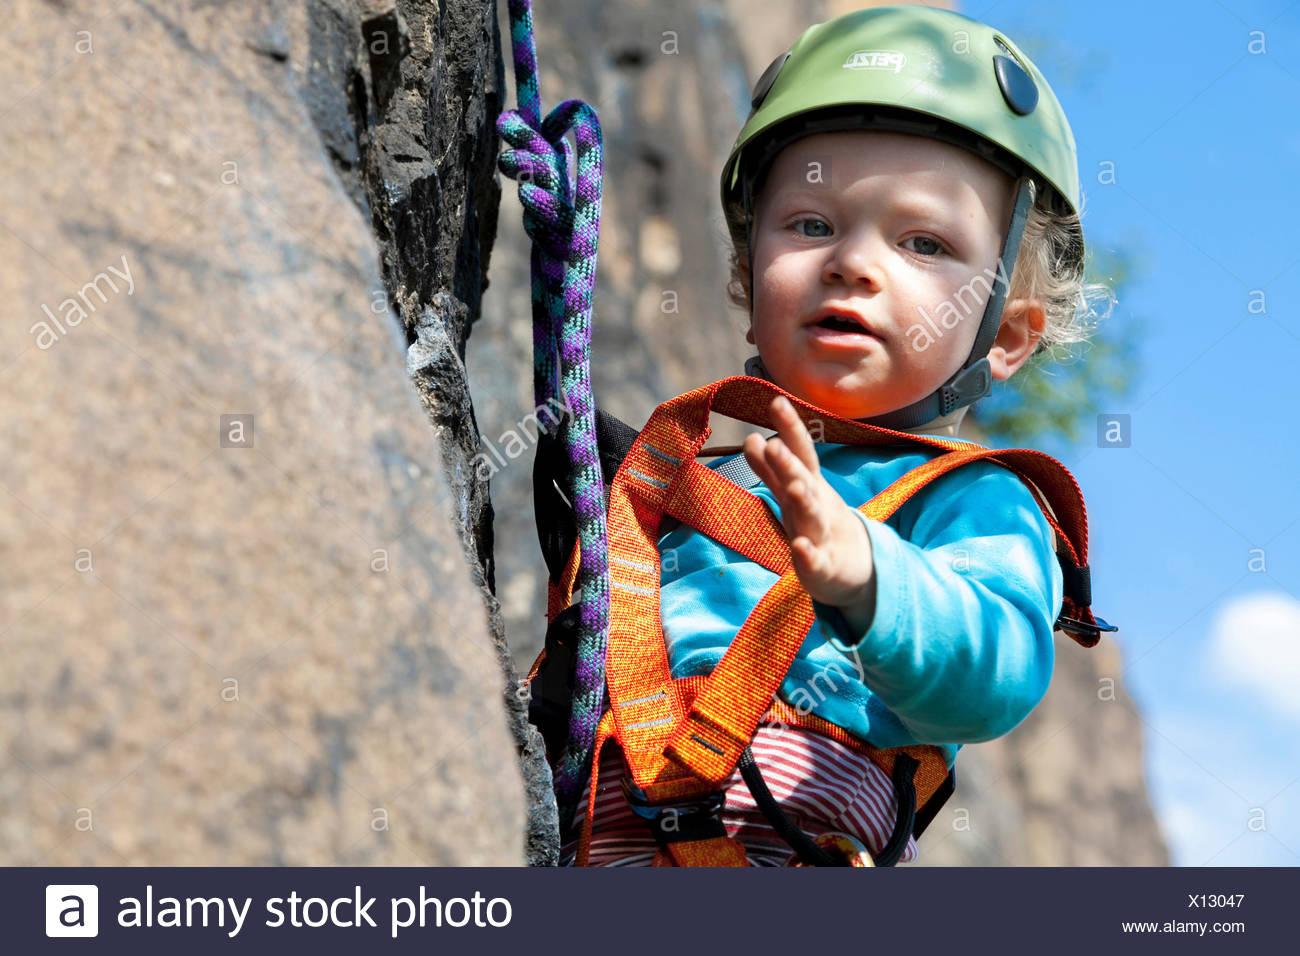 Kletterausrüstung In Der Nähe : Junge jahre klettern in einem steinbruch der nähe von